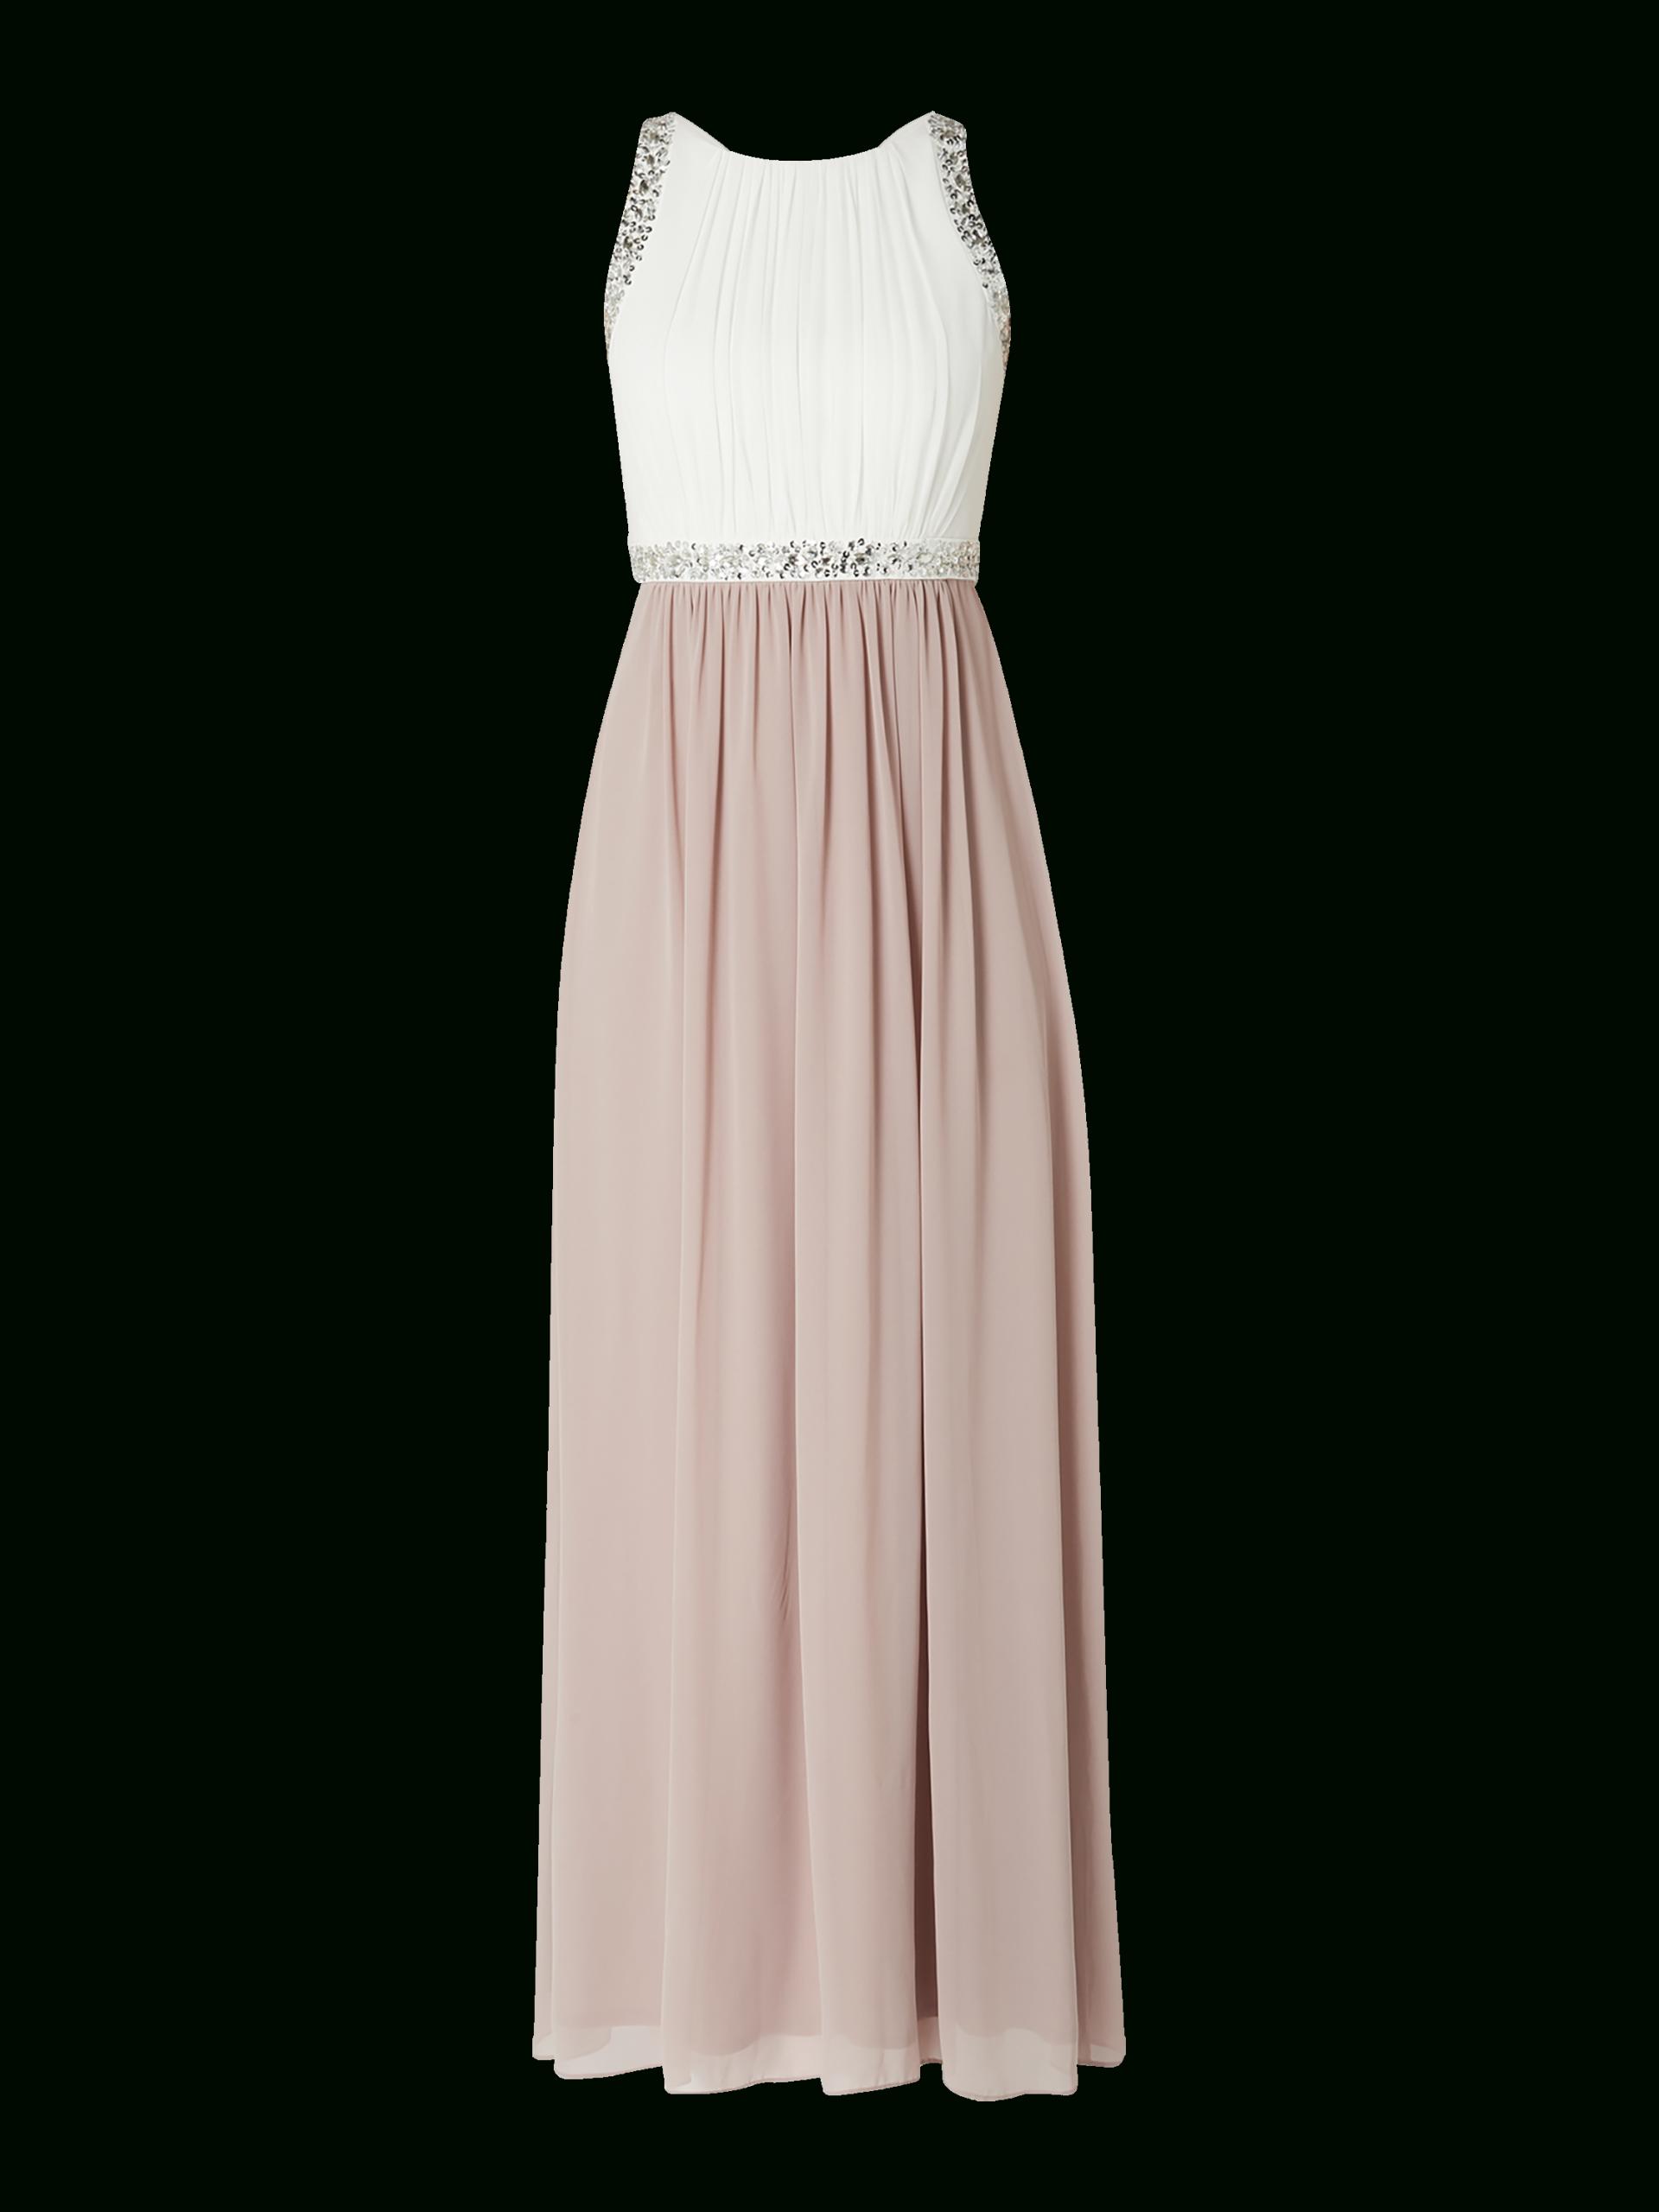 Peek Cloppenburg Kleider  Abendkleider  Elegante Ballkleider